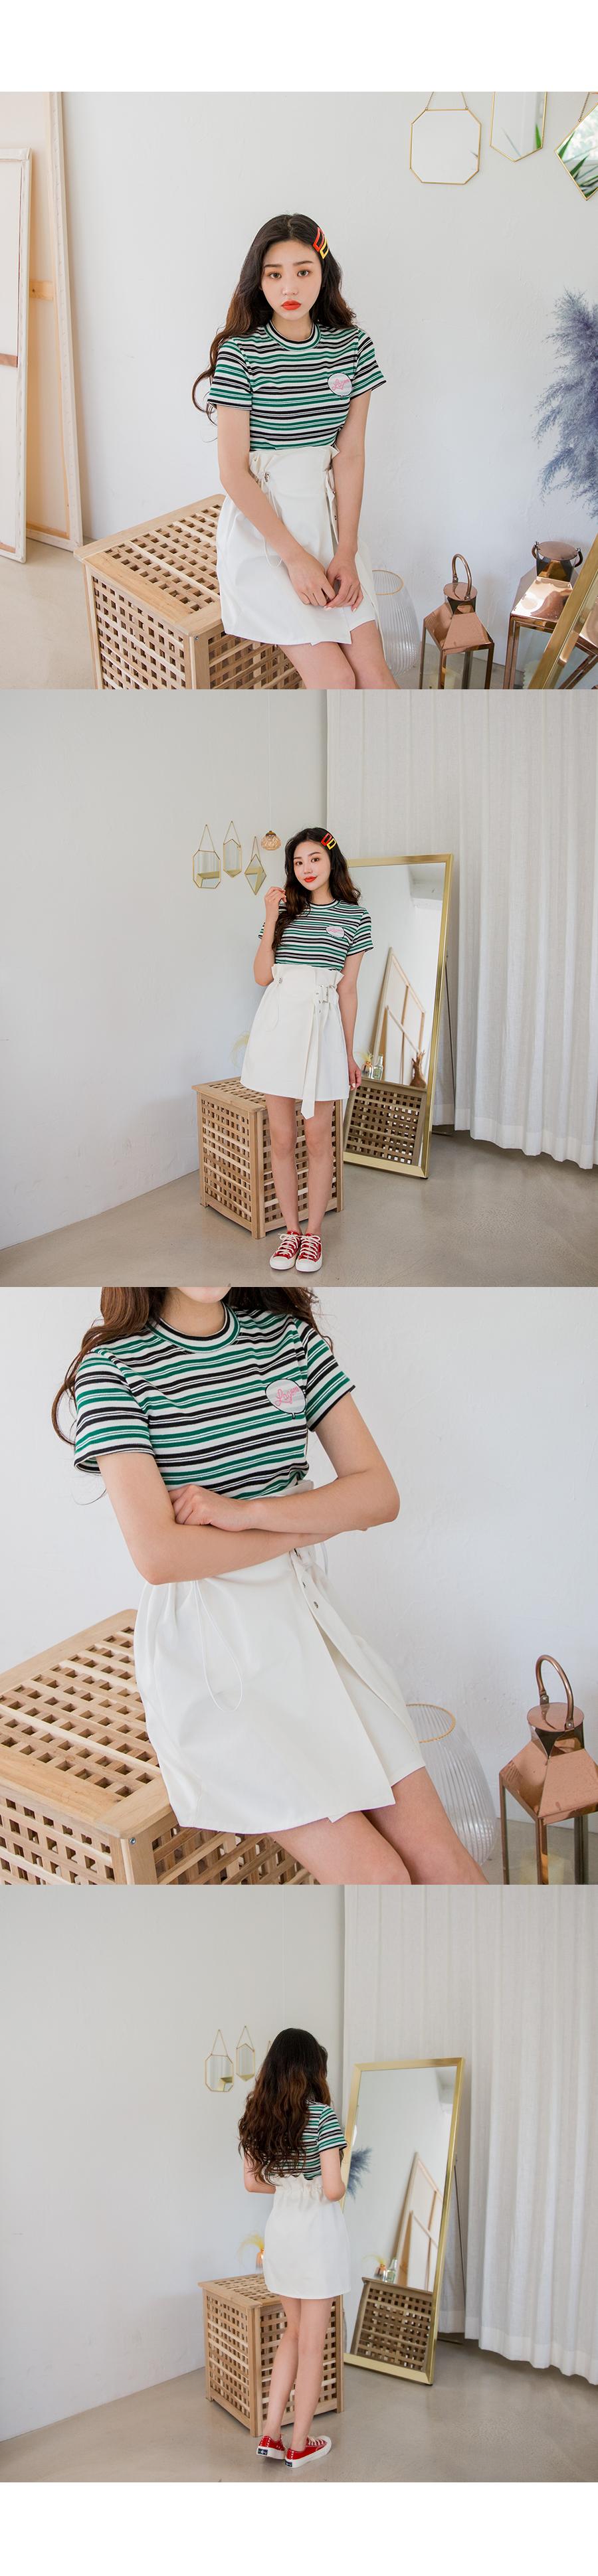 String skirt